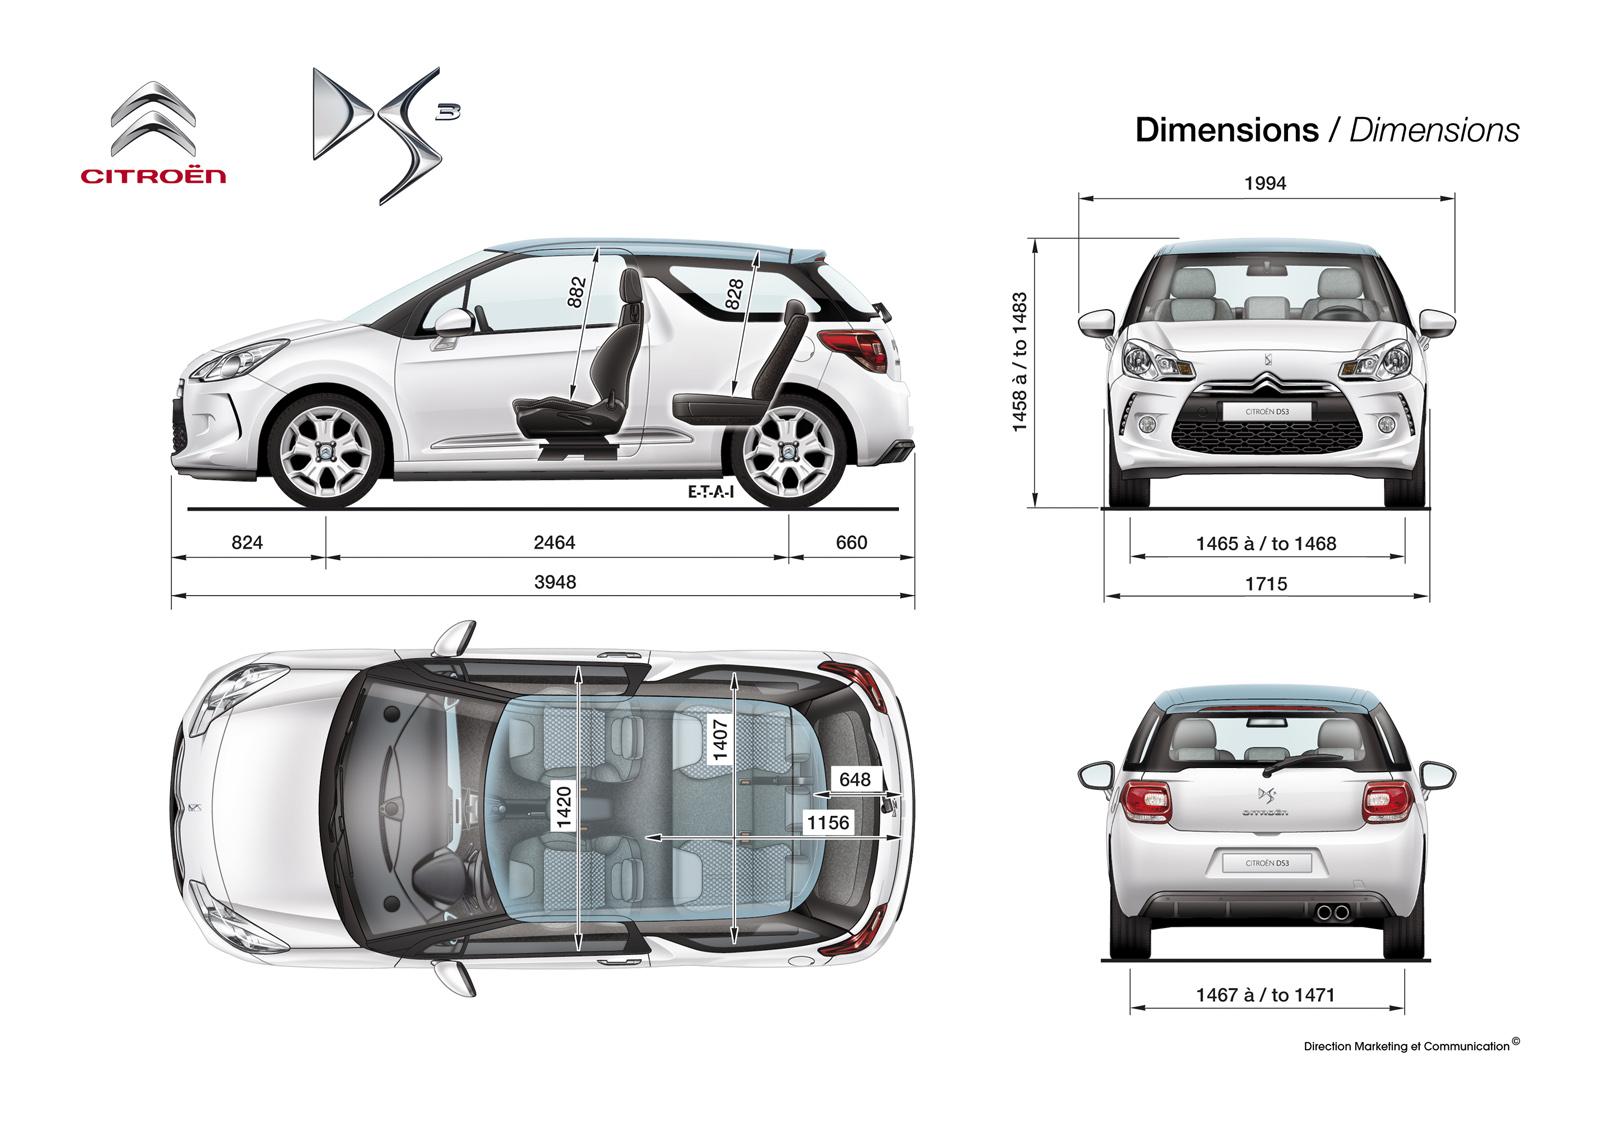 ds 3 dimensions hors tout avec retroviseurs auto titre. Black Bedroom Furniture Sets. Home Design Ideas